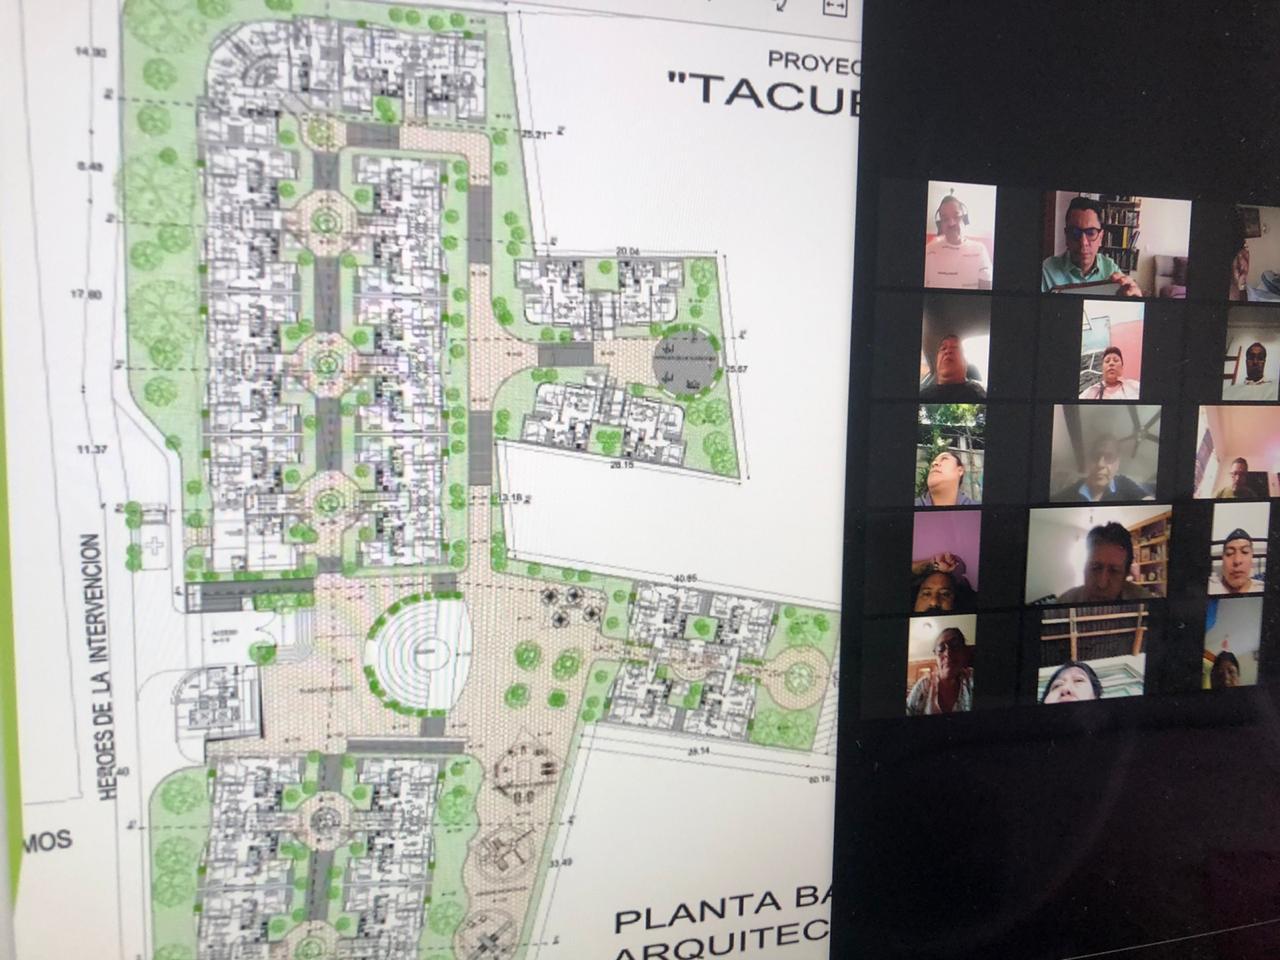 Concluye demolición en Ciudad Perdida Tacubaya